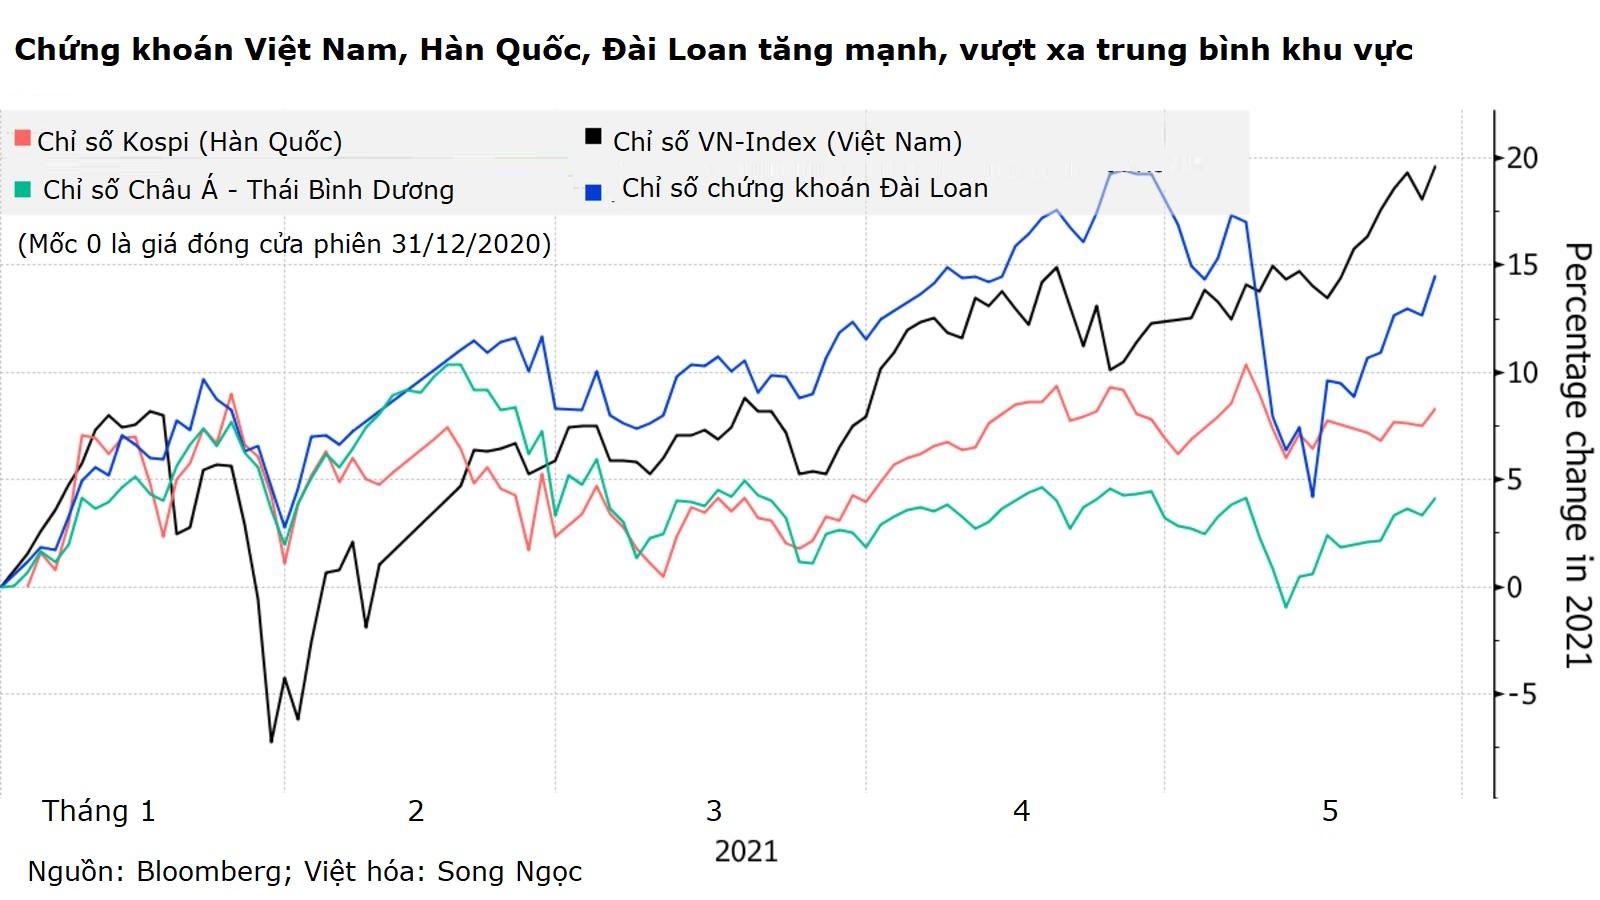 NĐT cá nhân giúp chứng khoán Việt Nam lên đỉnh, bất chấp khối ngoại xả hơn 1 tỷ USD - Ảnh 1.